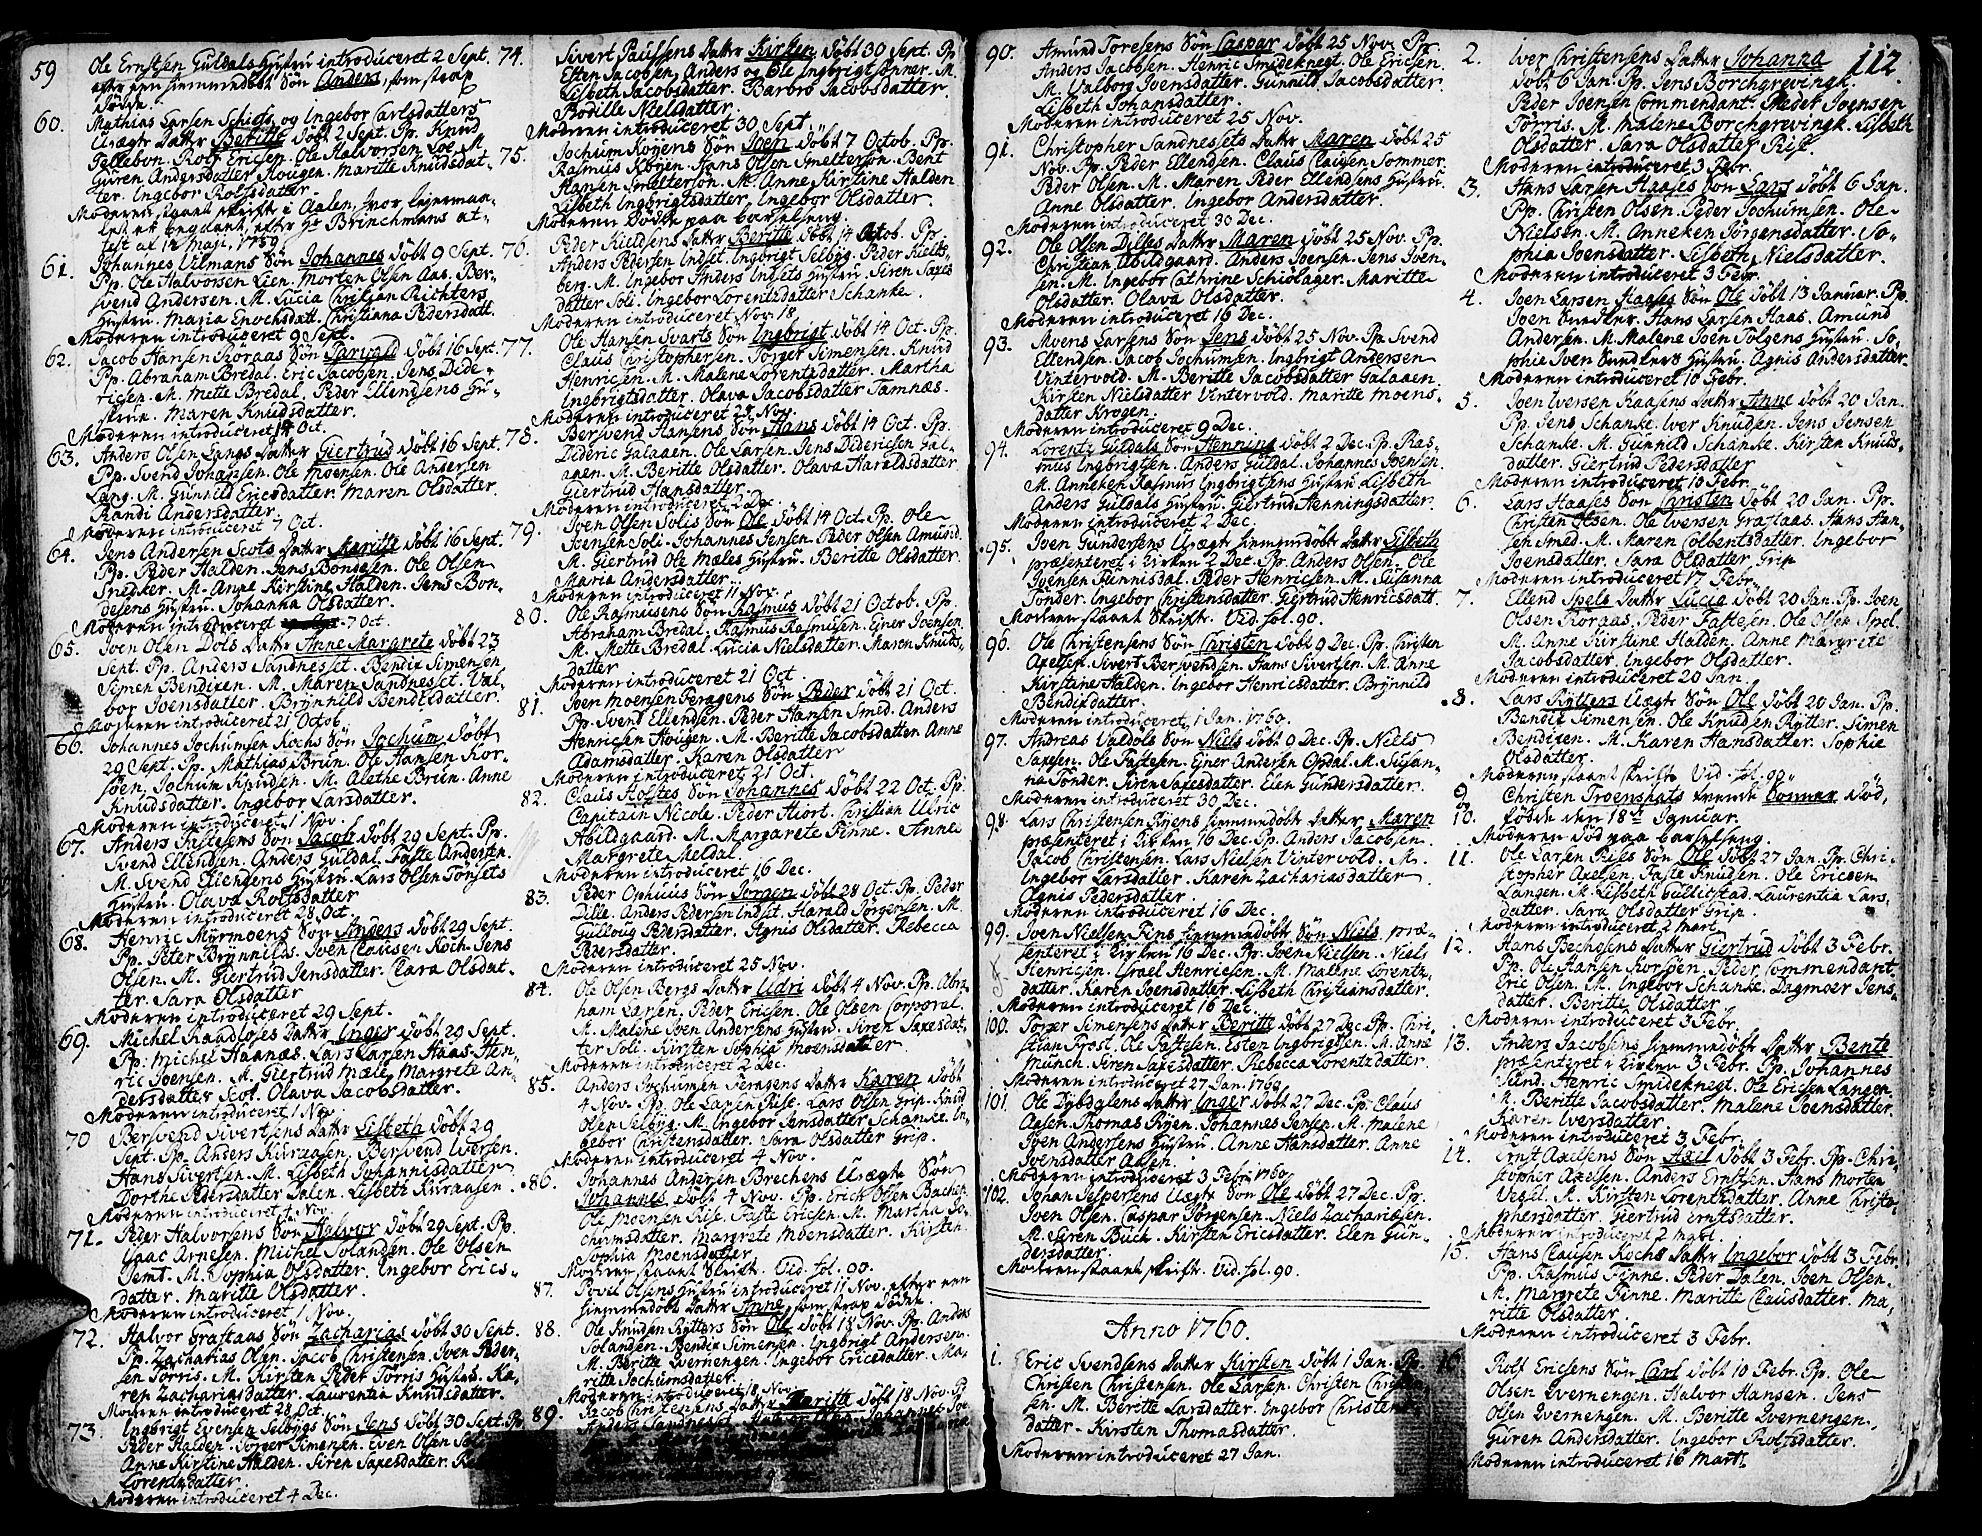 SAT, Ministerialprotokoller, klokkerbøker og fødselsregistre - Sør-Trøndelag, 681/L0925: Ministerialbok nr. 681A03, 1727-1766, s. 112